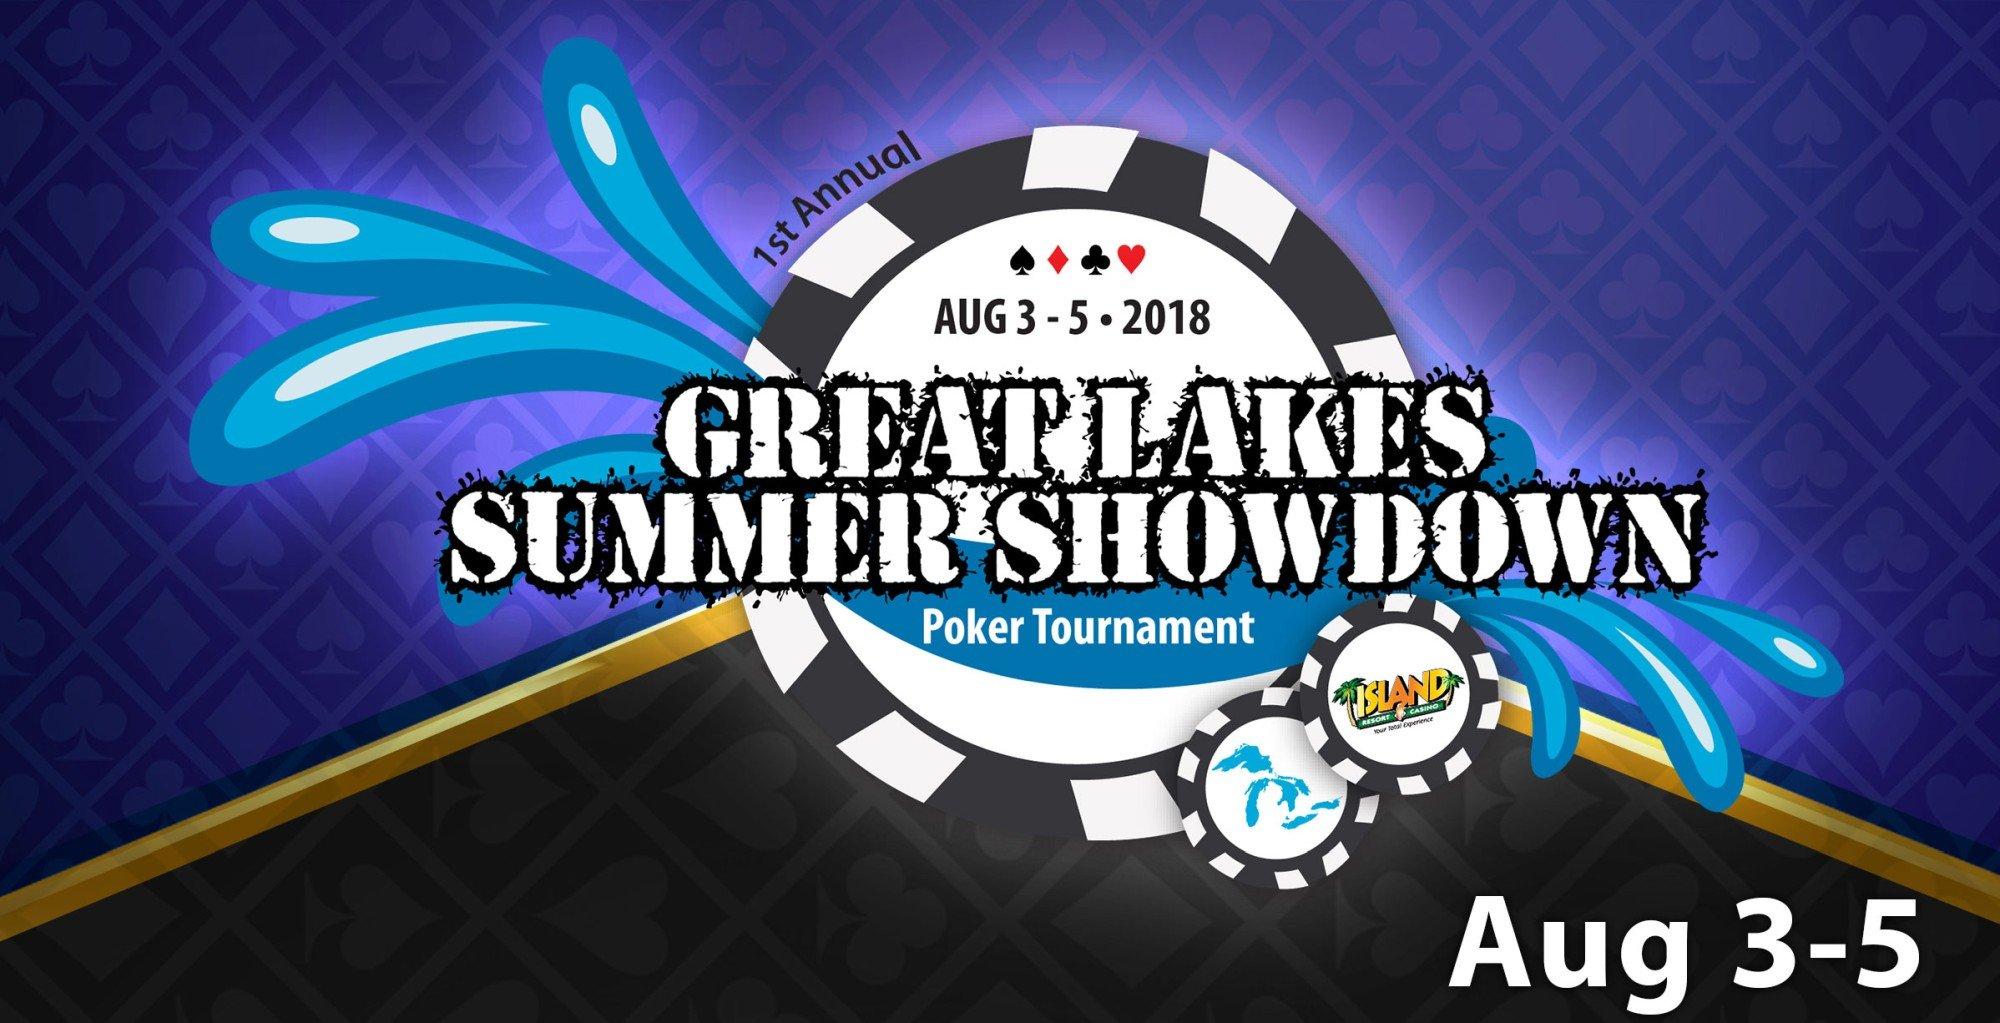 Summer Showdown Poker Tournament